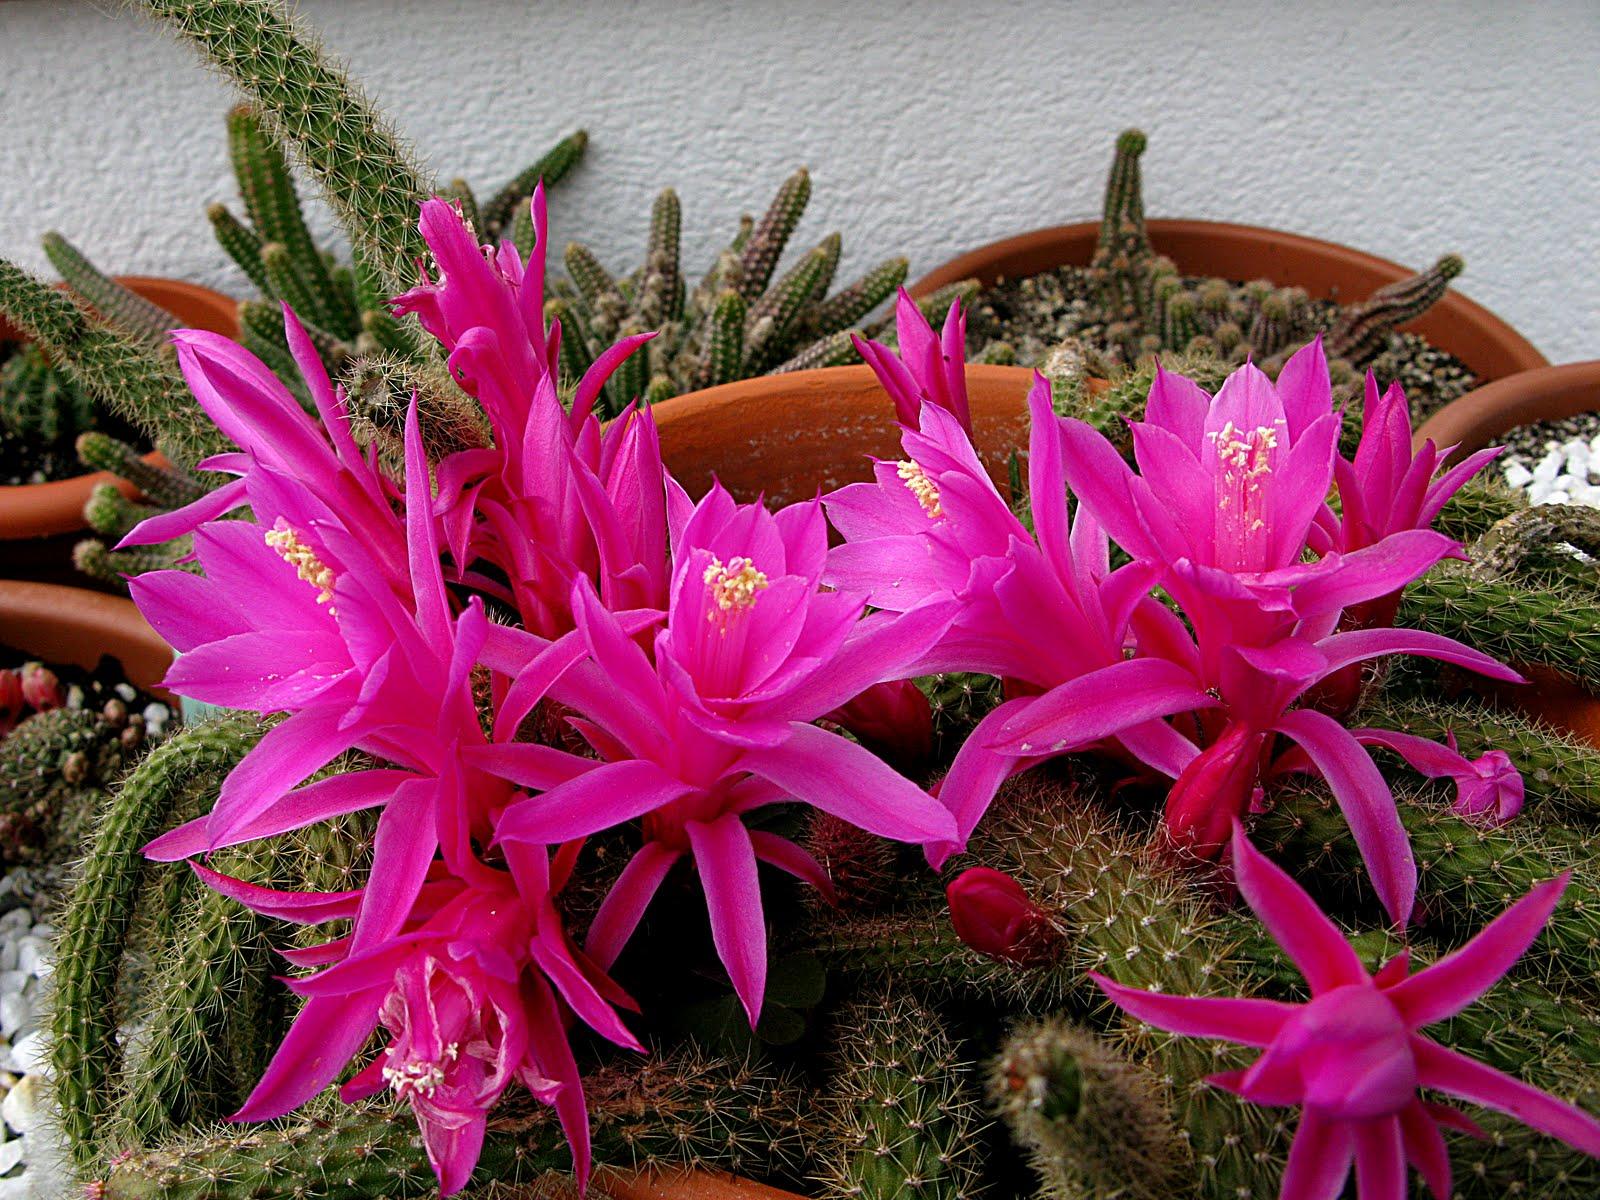 Arte y jardiner a enfermedades y par sitos de los cactus - Informacion sobre los cactus ...